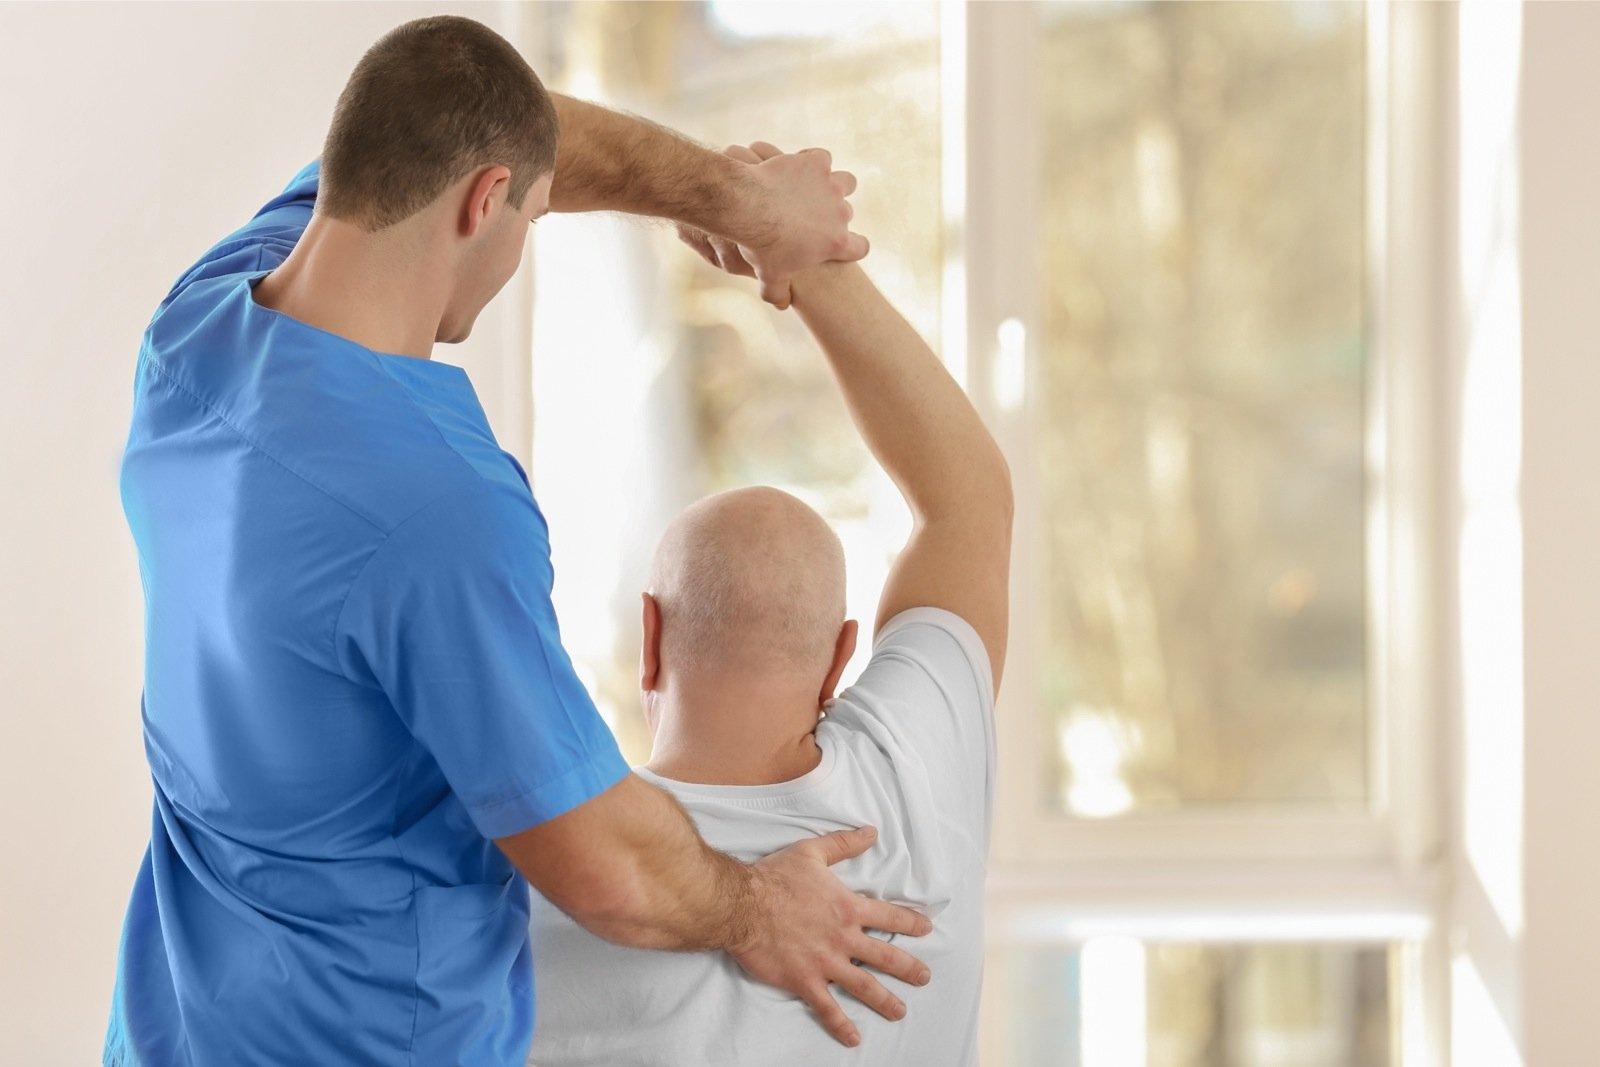 kui liigesed elavad jalad lahendus uhiste valude ulevaateid